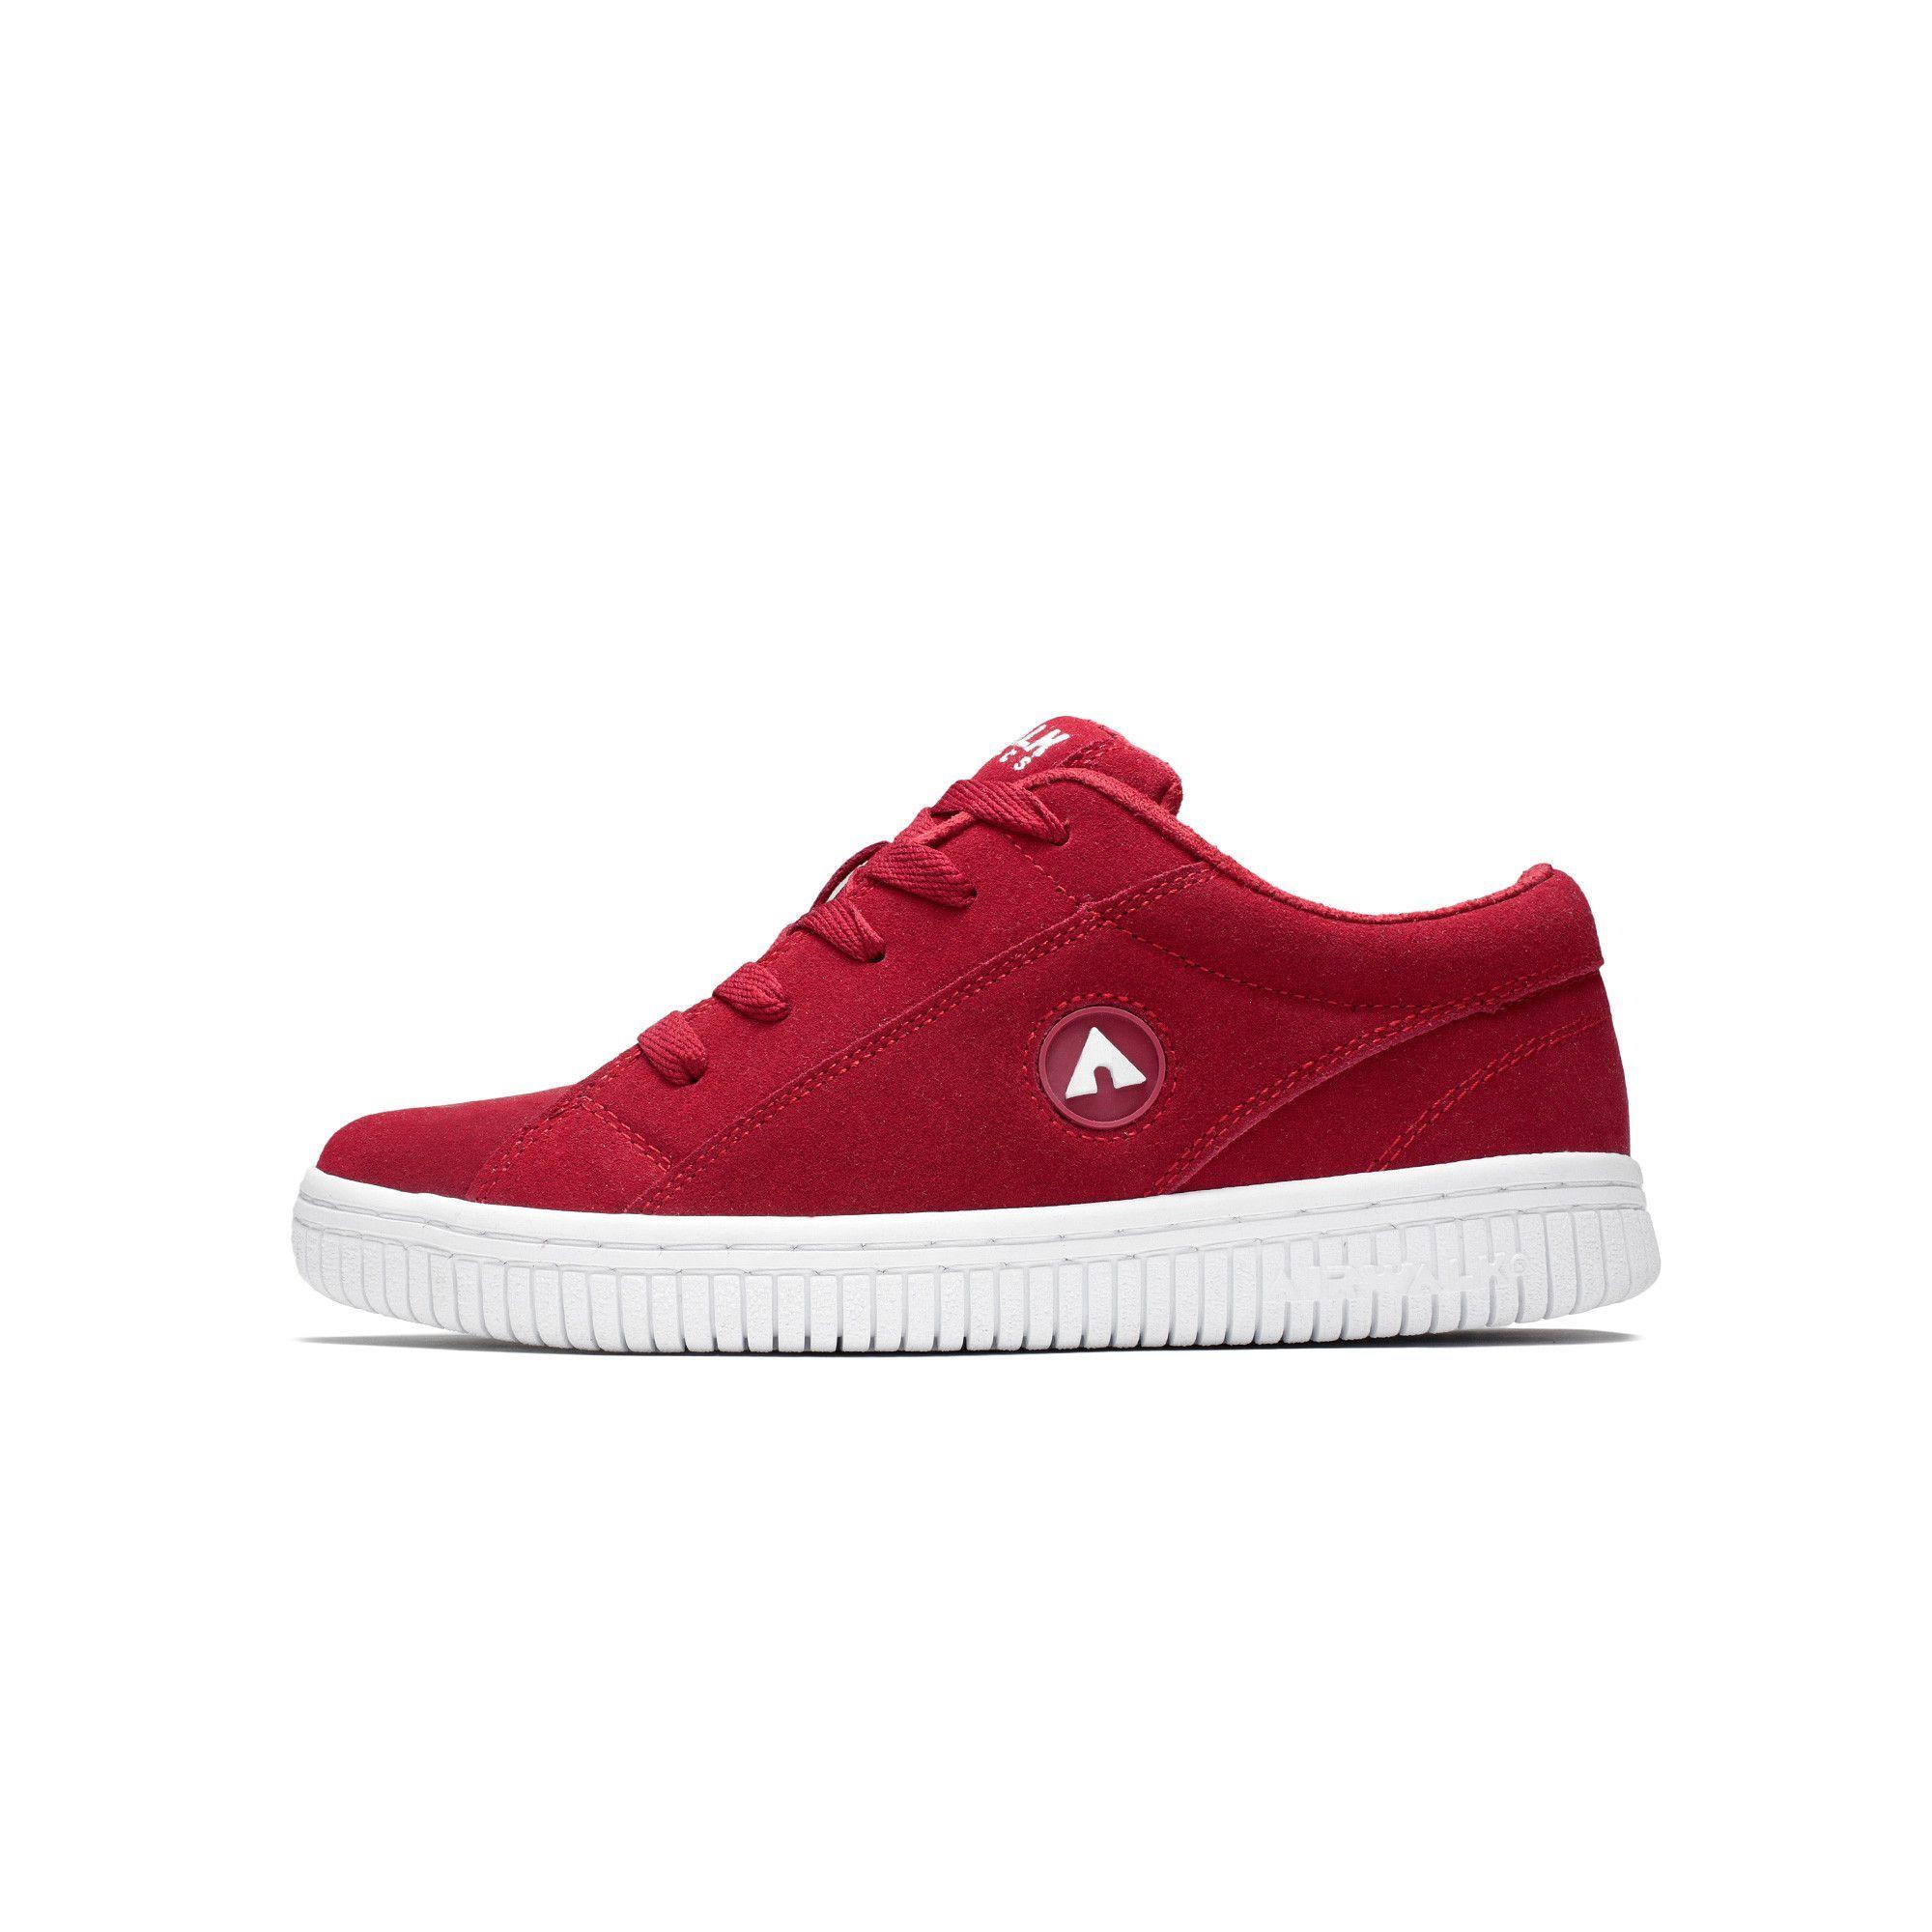 adidas Stan Smith Boost Schuhe haze coral 38 EU Rosa: Amazon